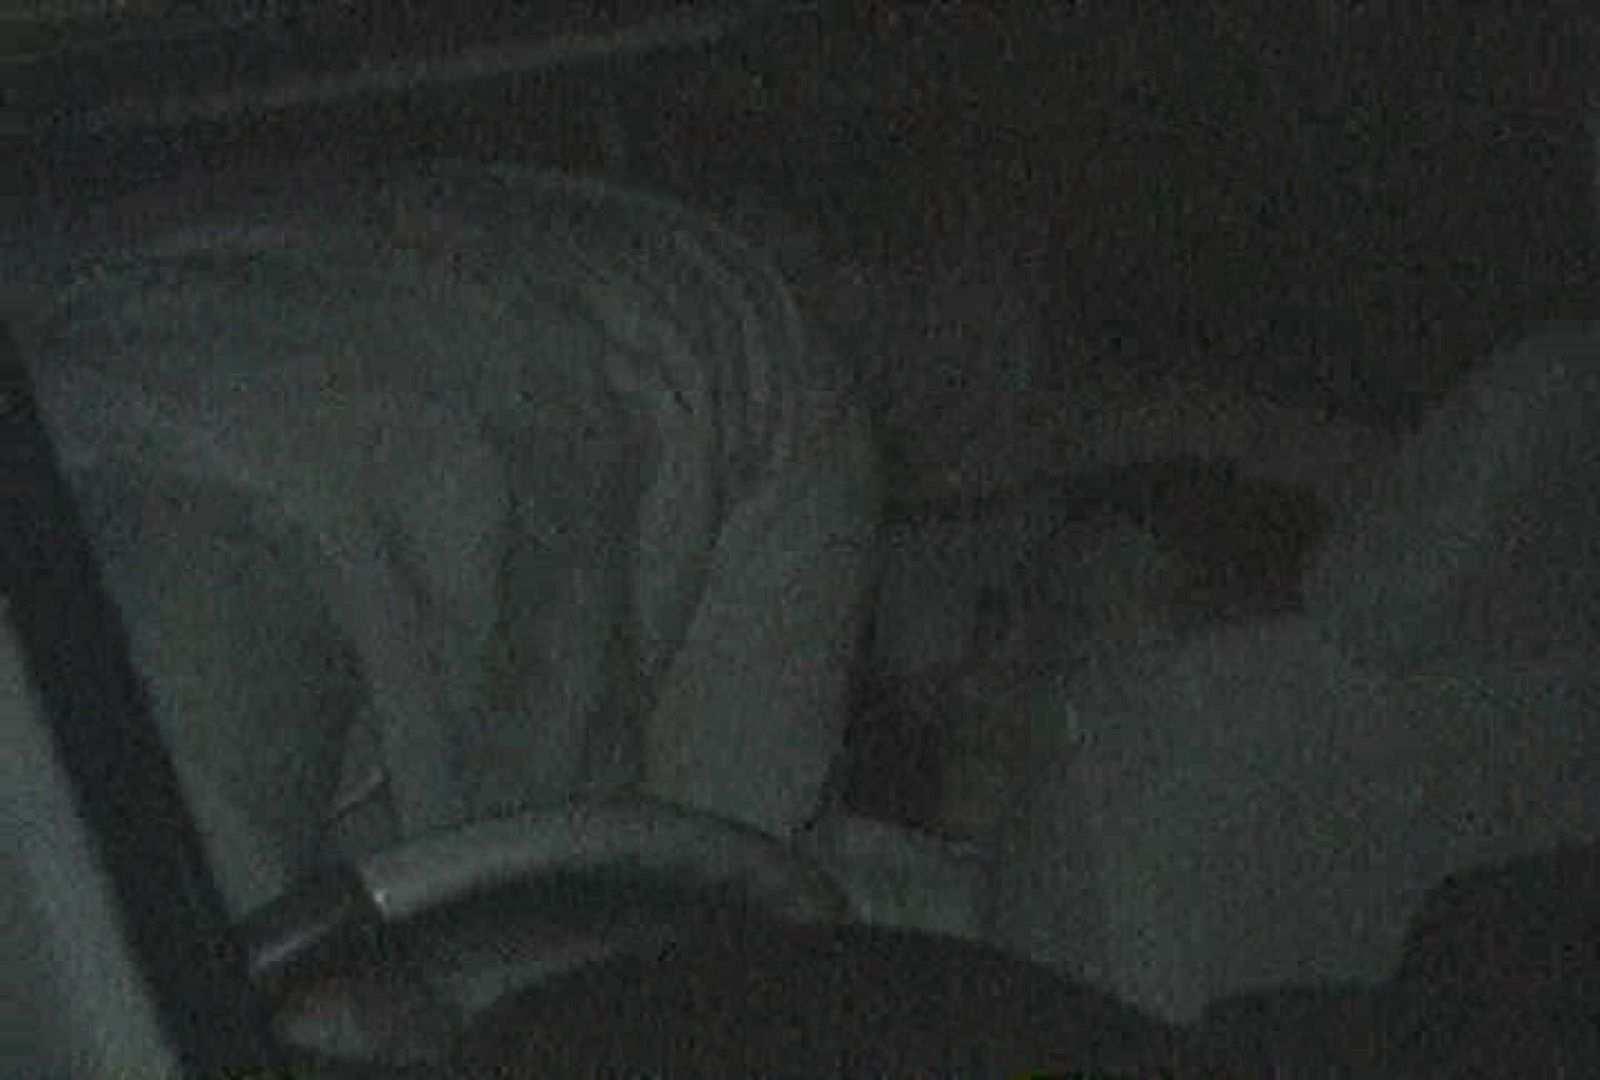 充血監督の深夜の運動会Vol.90 エロティックなOL おめこ無修正動画無料 107画像 72